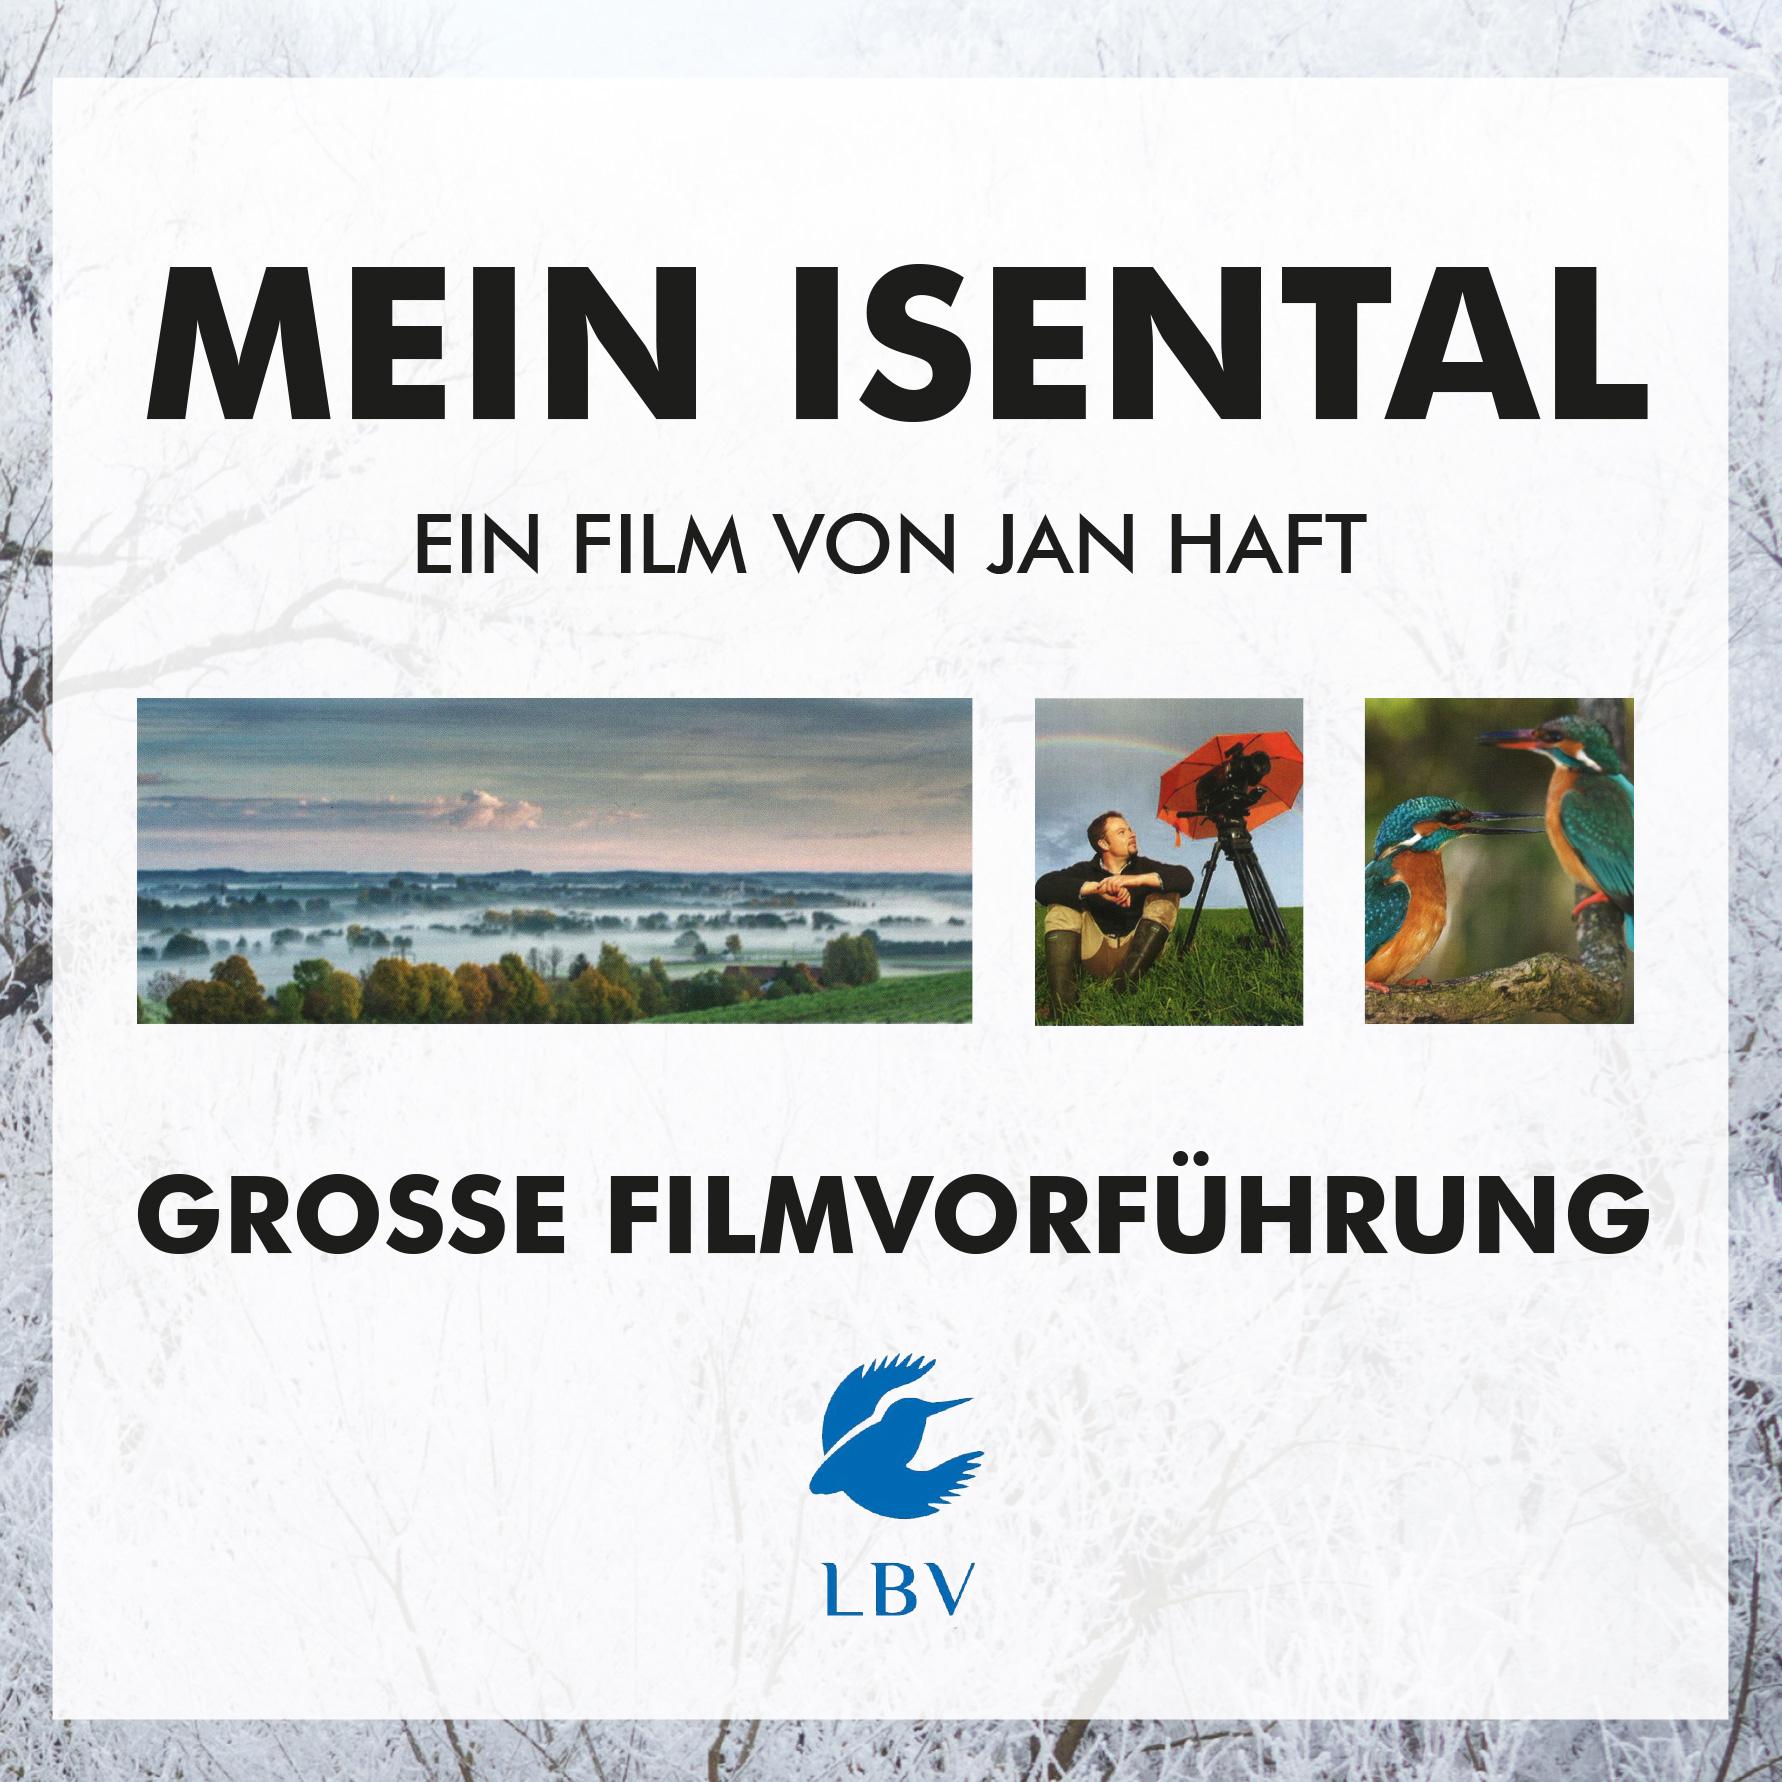 Große Filmvorführung am 24.11. in unserer Gruberei in Erding